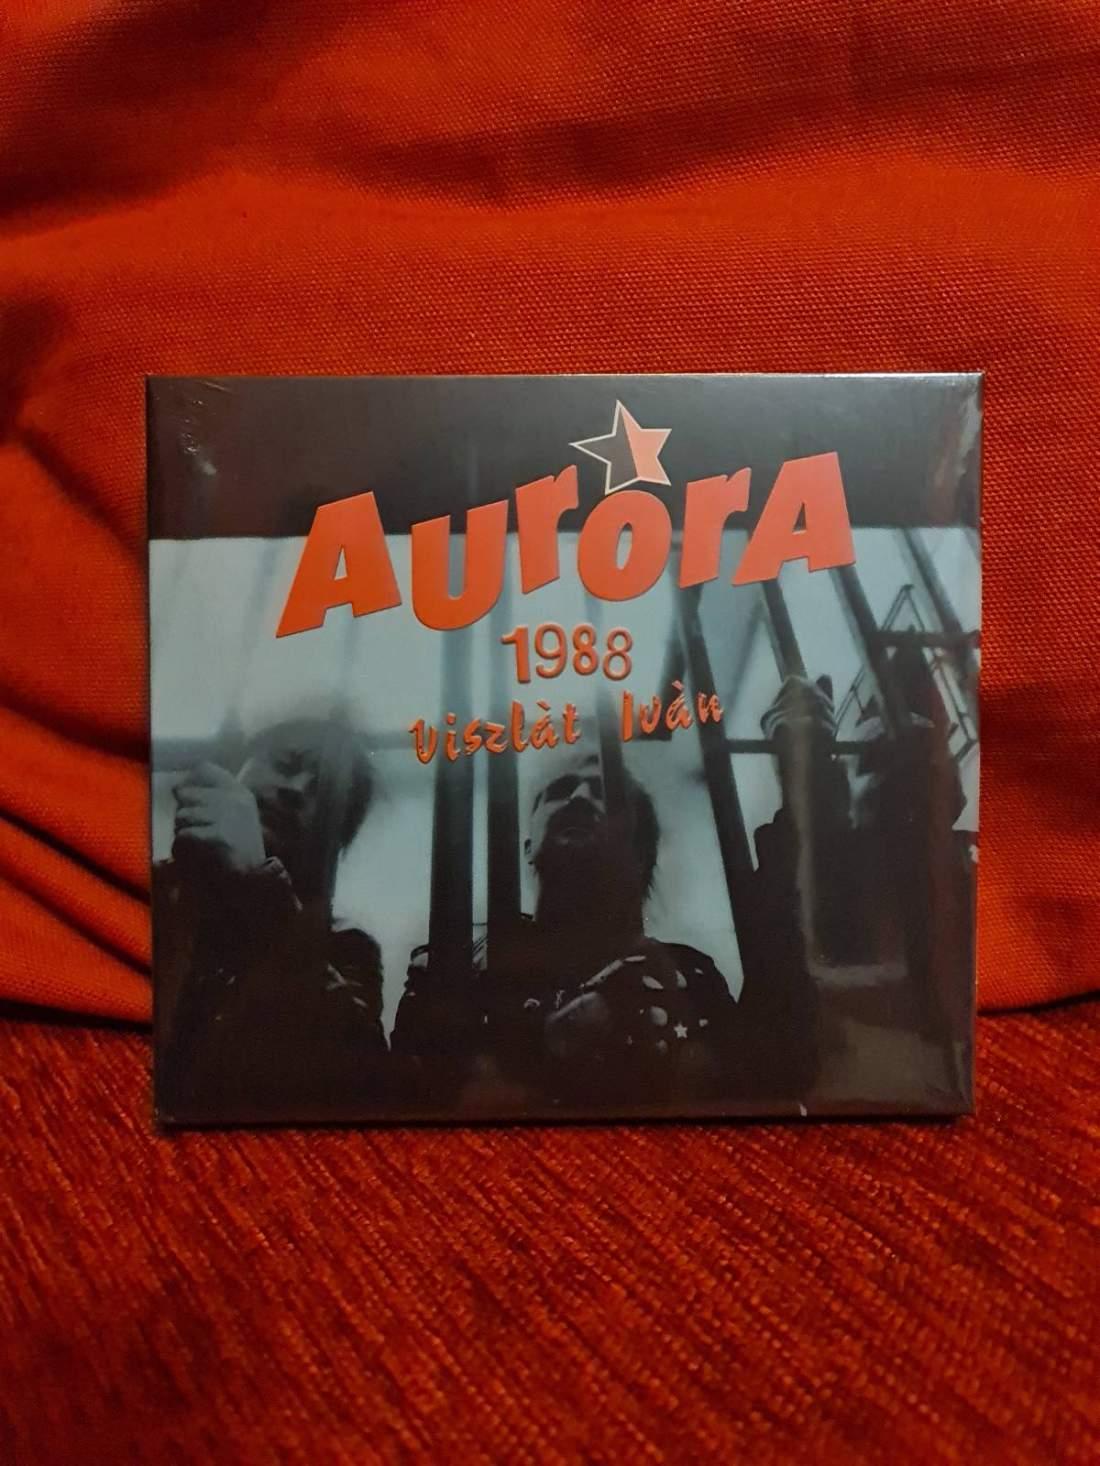 AURORA - 1988 VISZLÁT IVÁN CD